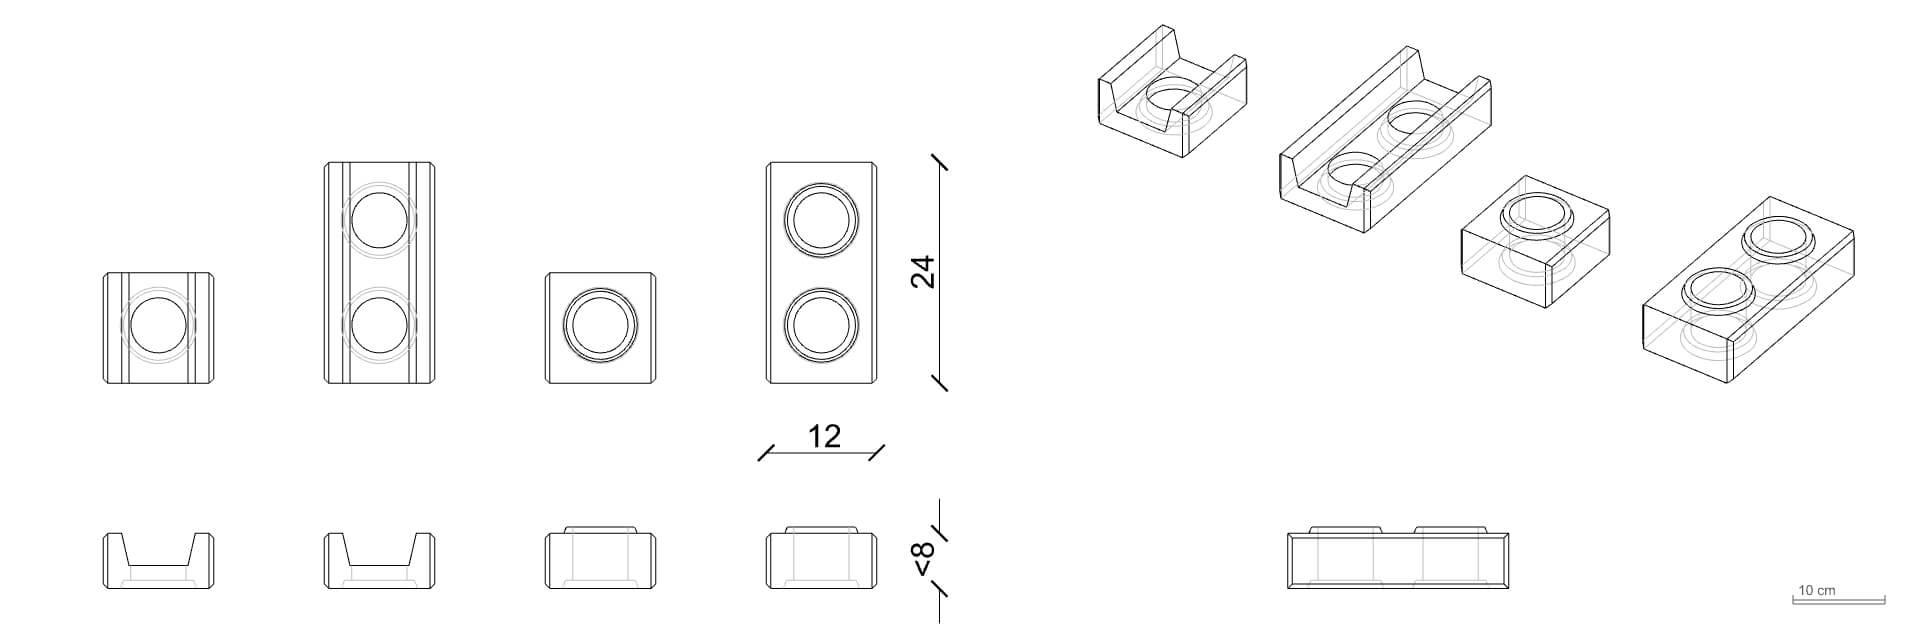 Brique modulaire